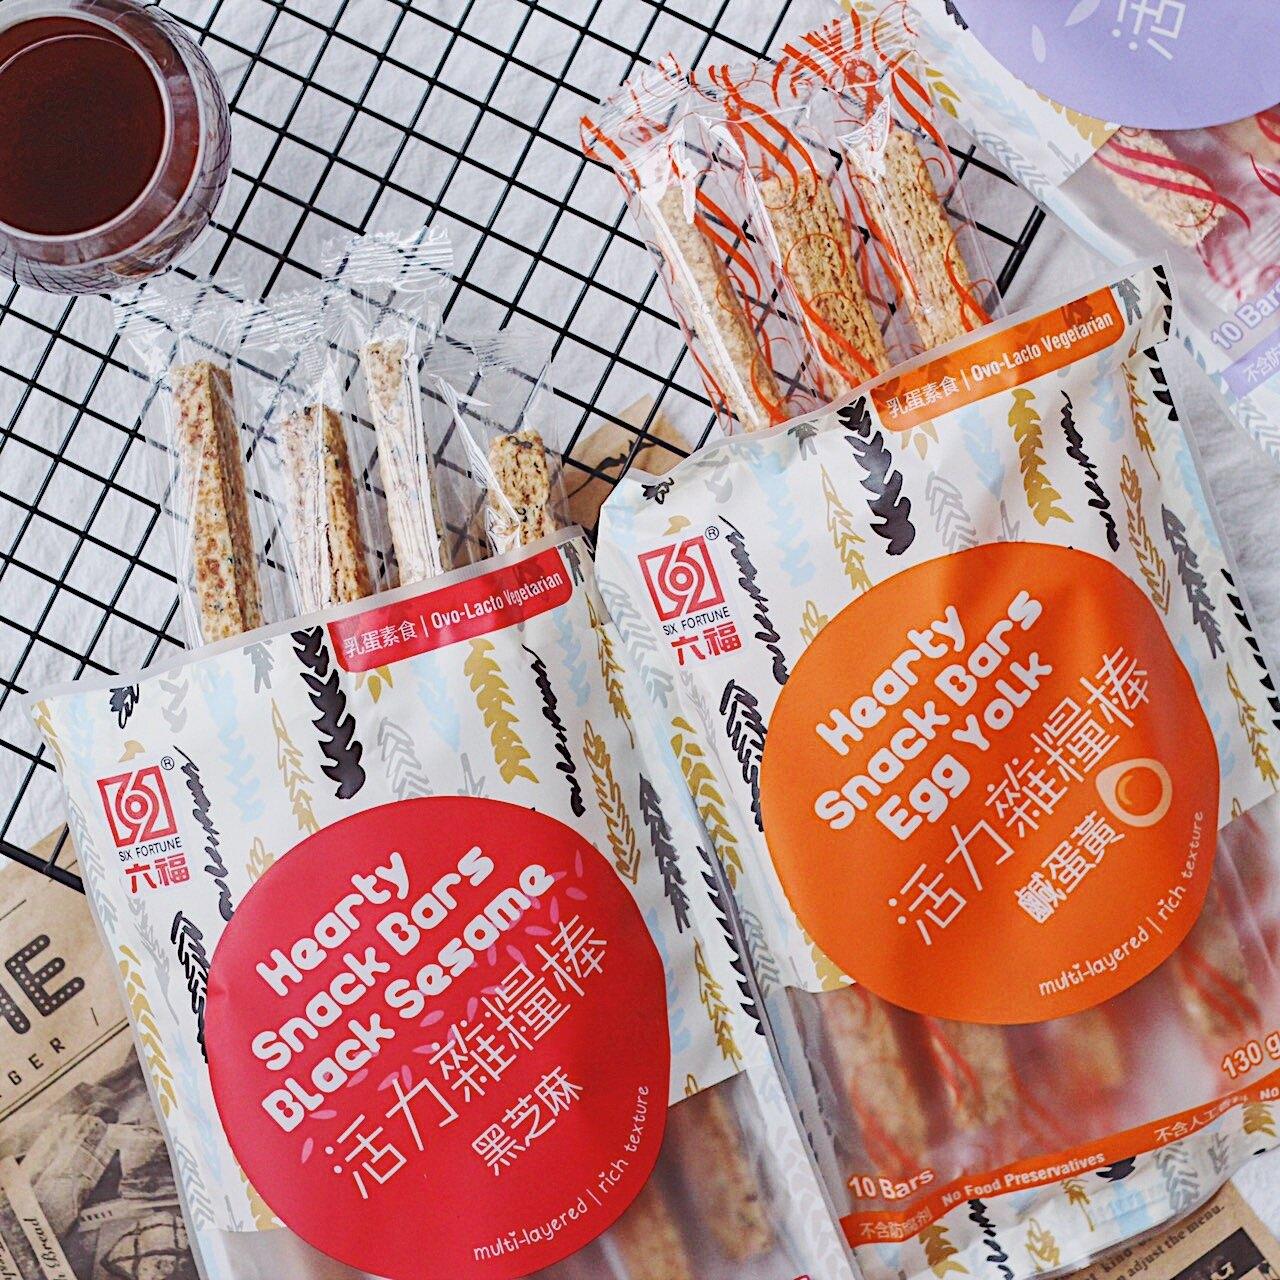 【熱銷】活力雜糧棒 - 黑芝麻口味130g / 獨立包裝 / 方便攜帶 / 品質保證